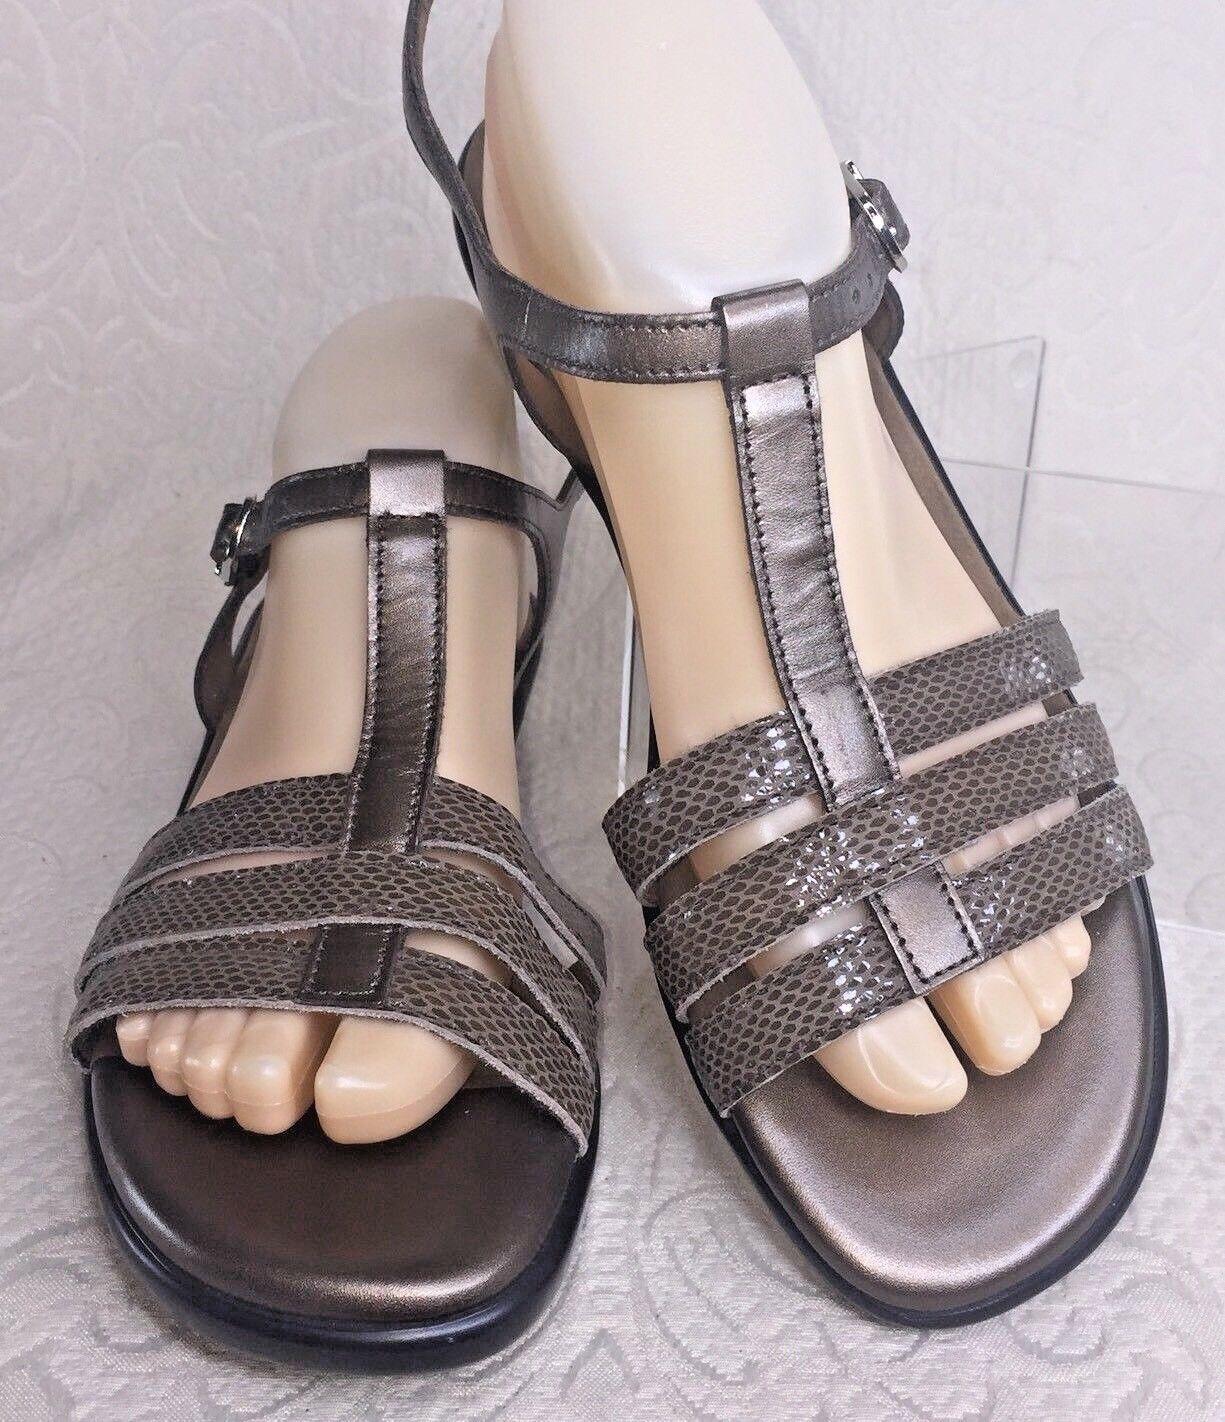 SAS Damens 10 M Bronze Sandale CAPRI Leder Gold Braun Snake Slingback Wedge Schuhe